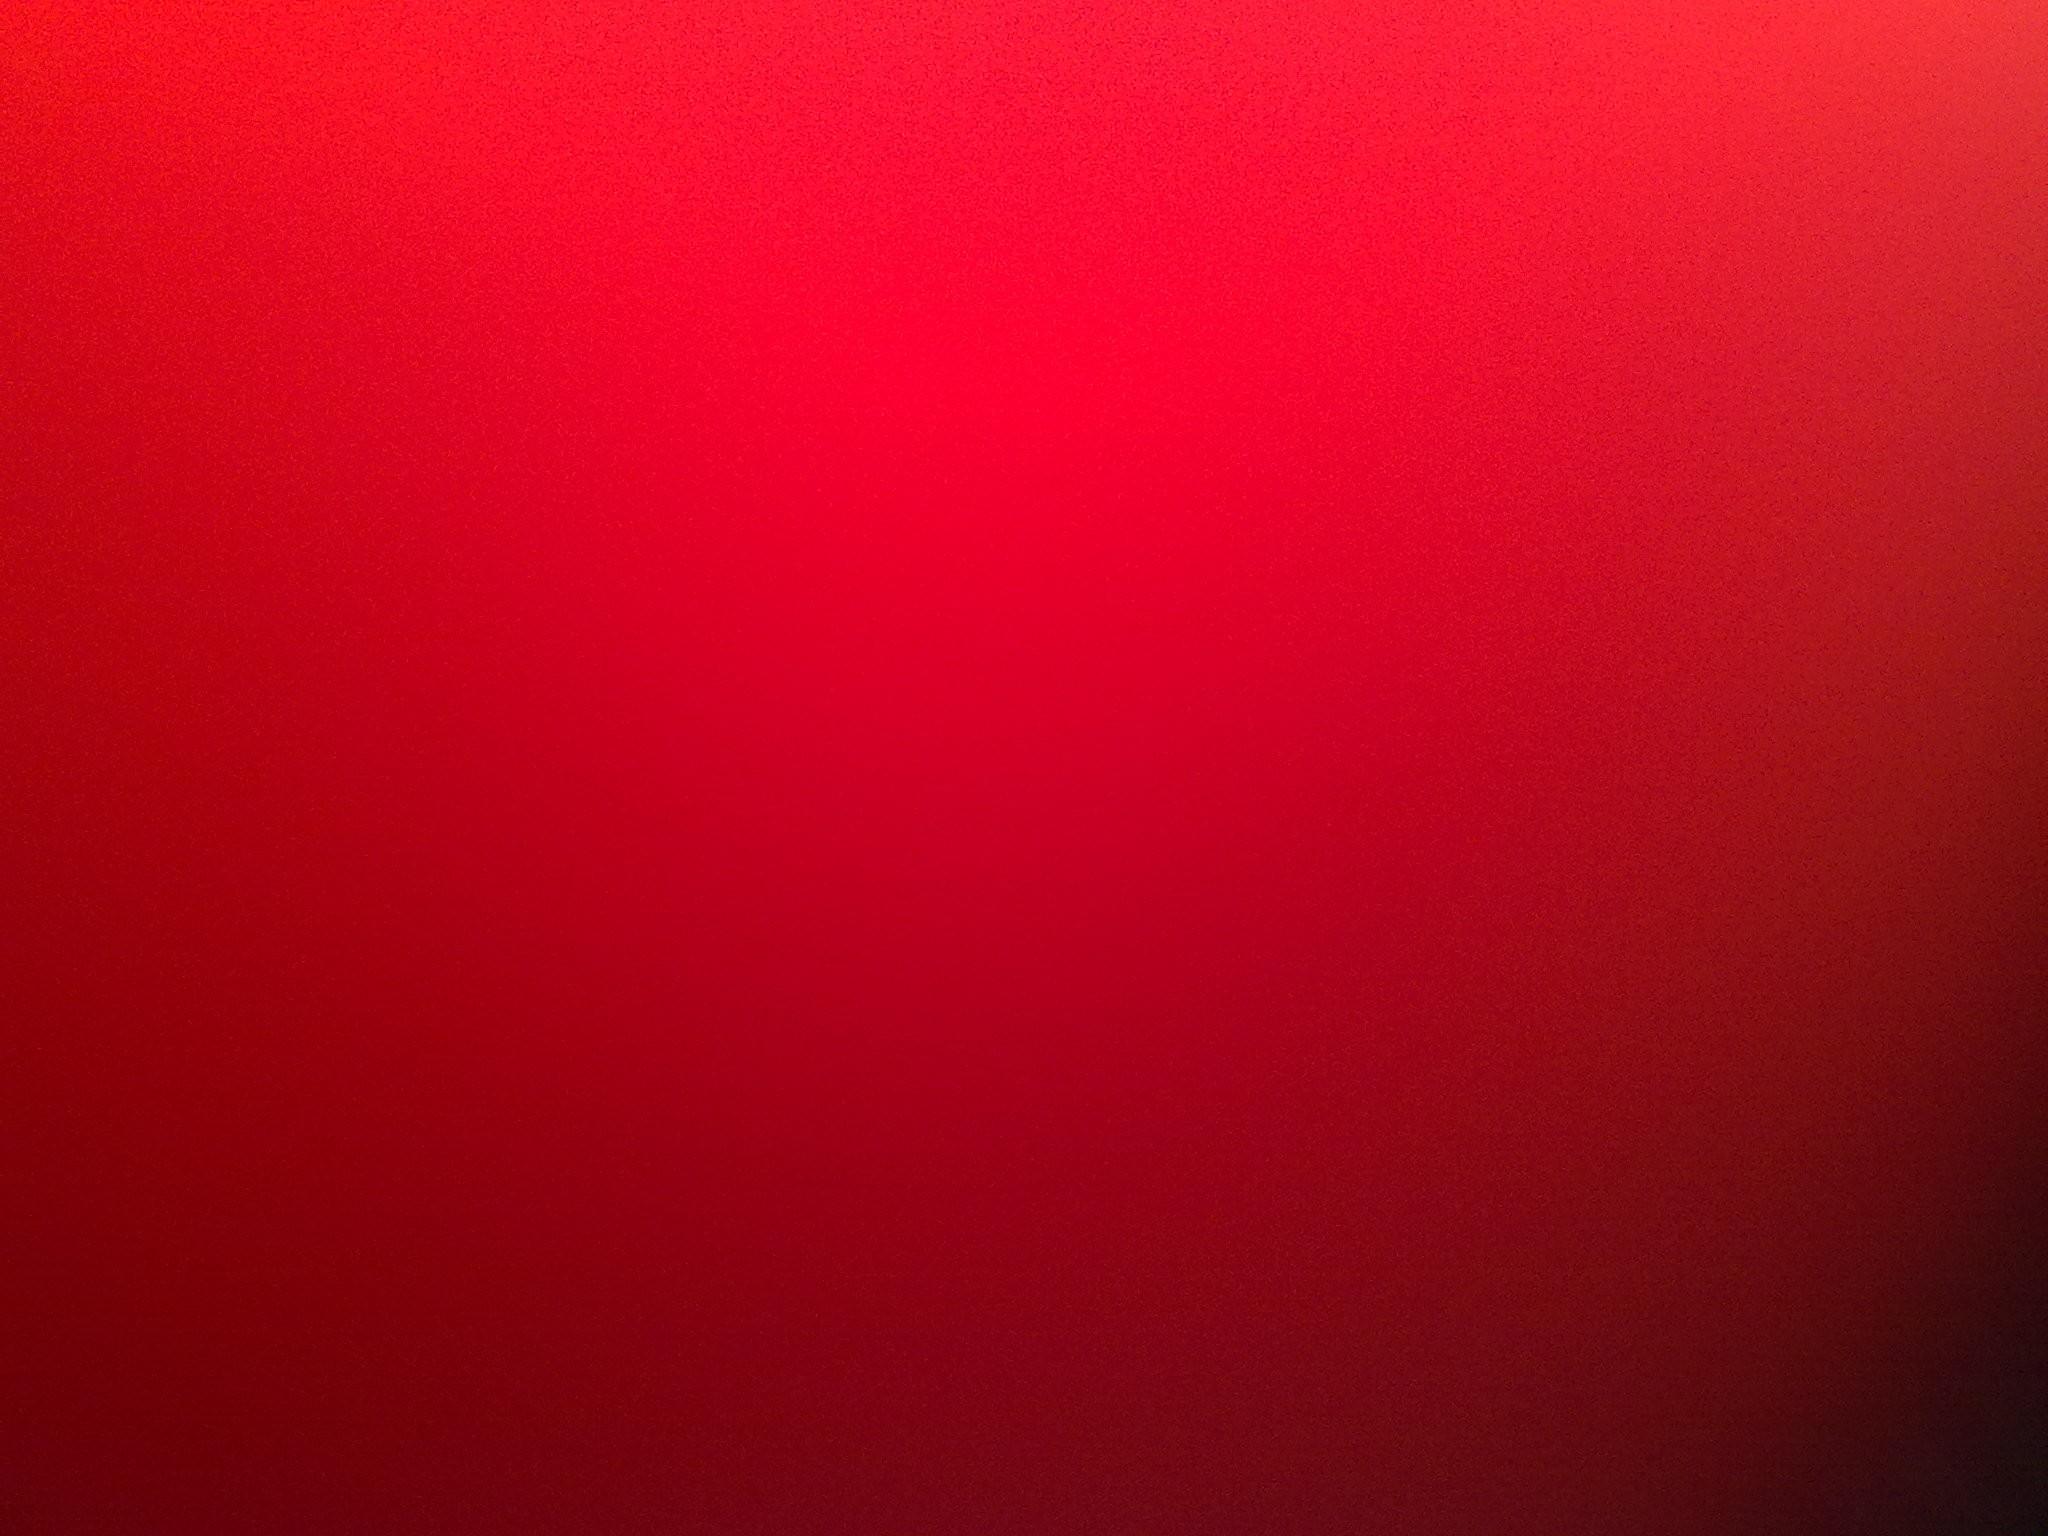 Sfondi Luce Del Sole Sfondo Rosso Semplice Sole Struttura